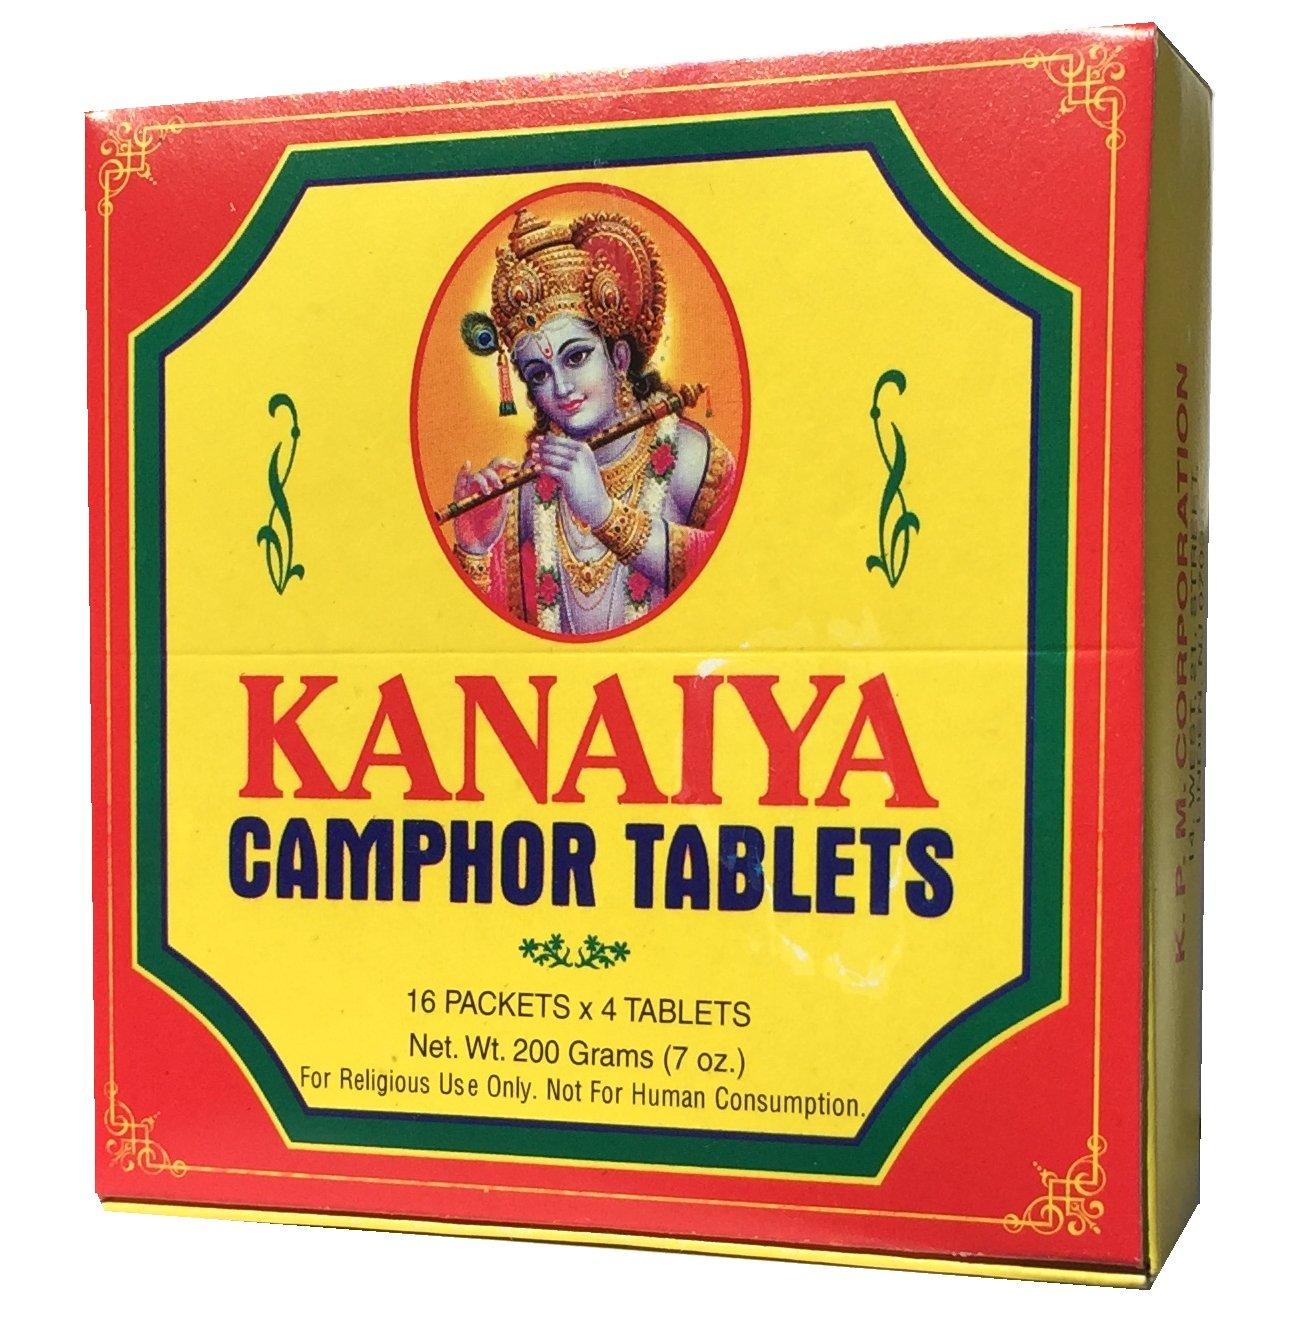 Kanaiya Camphor Tablets from India - 200 Grams - 64 Tablets (16 Blocks of 4) Brand by Kanaiya